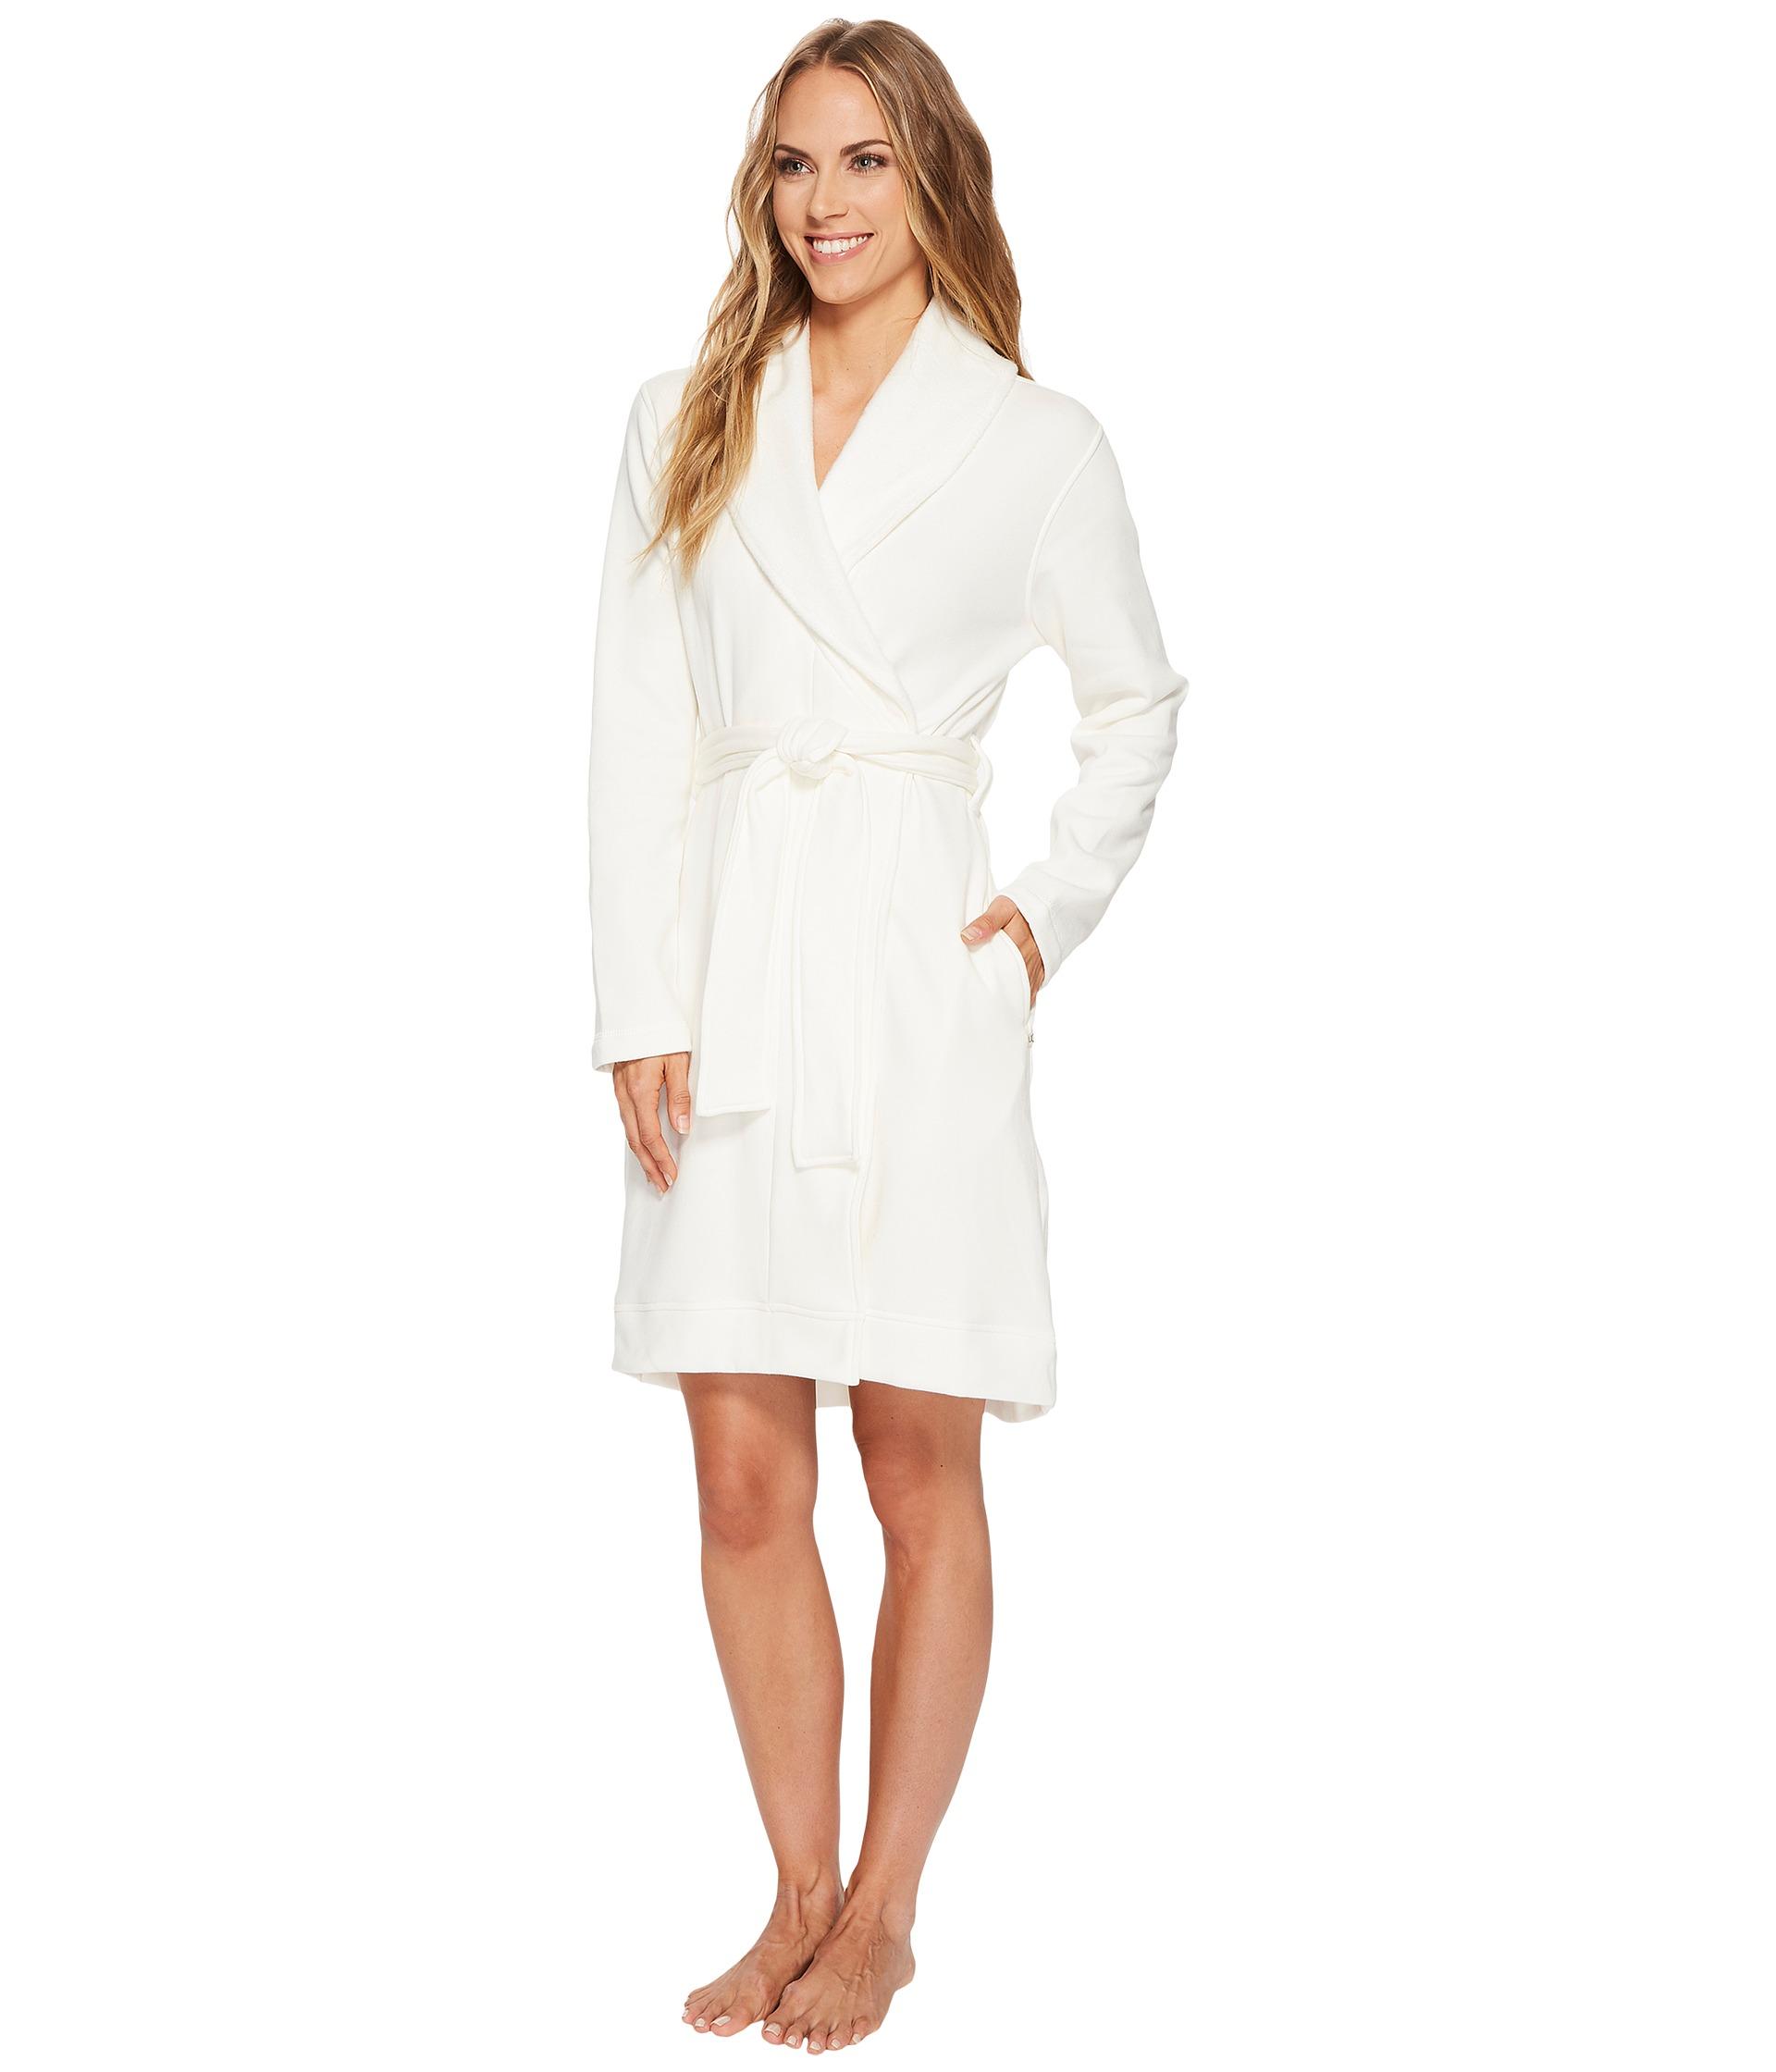 ugg blanche robe at. Black Bedroom Furniture Sets. Home Design Ideas